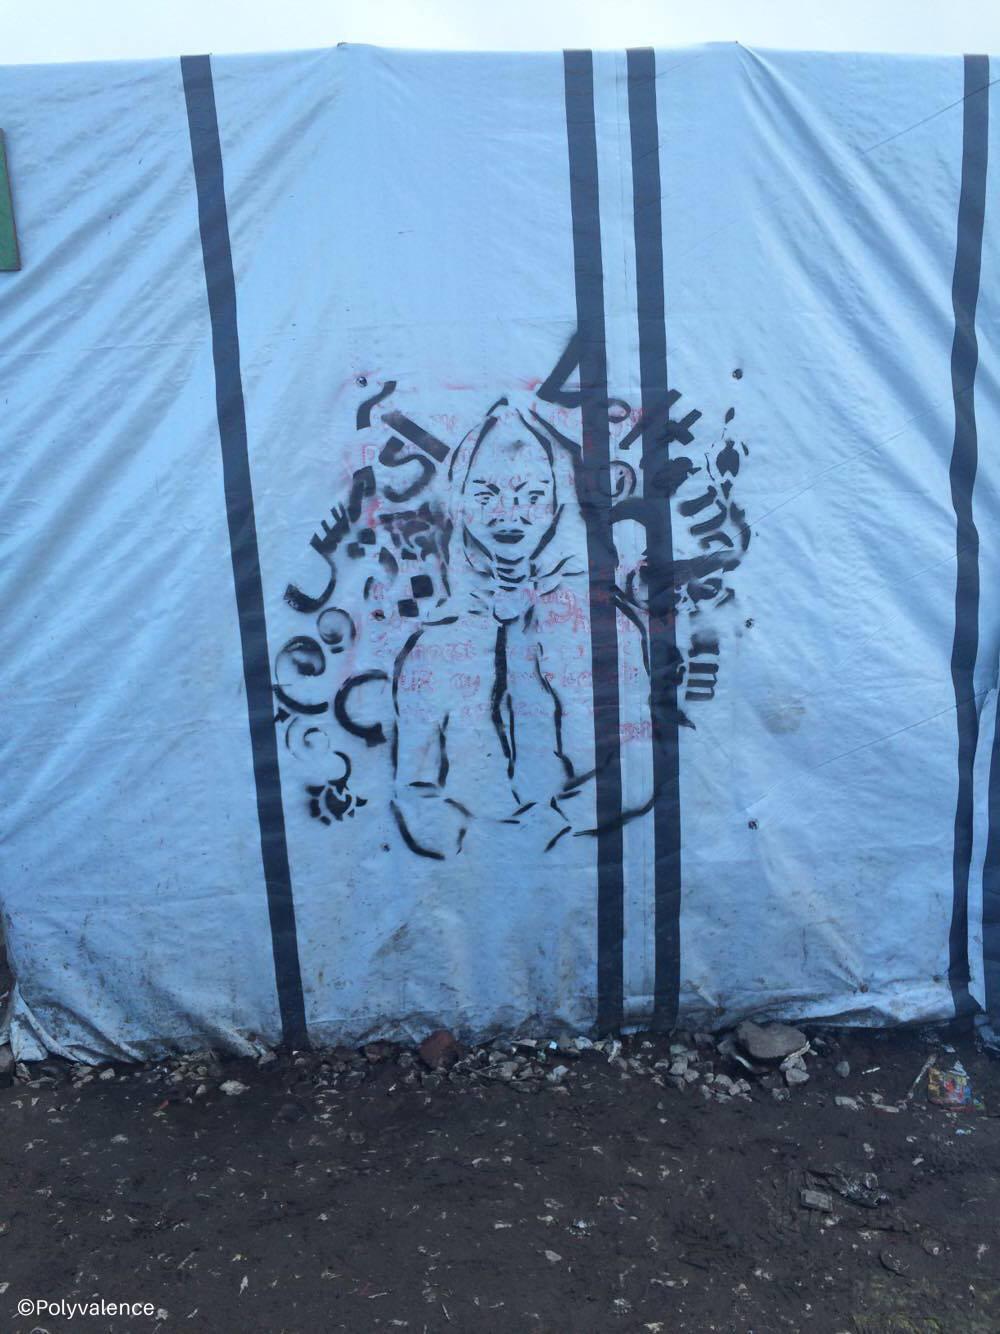 Les migrants font des graffs aux pochoirs sur les murs pour la journée des droits des femmes pour leurs mères, leurs femmes, leurs sœurs, leurs filles.